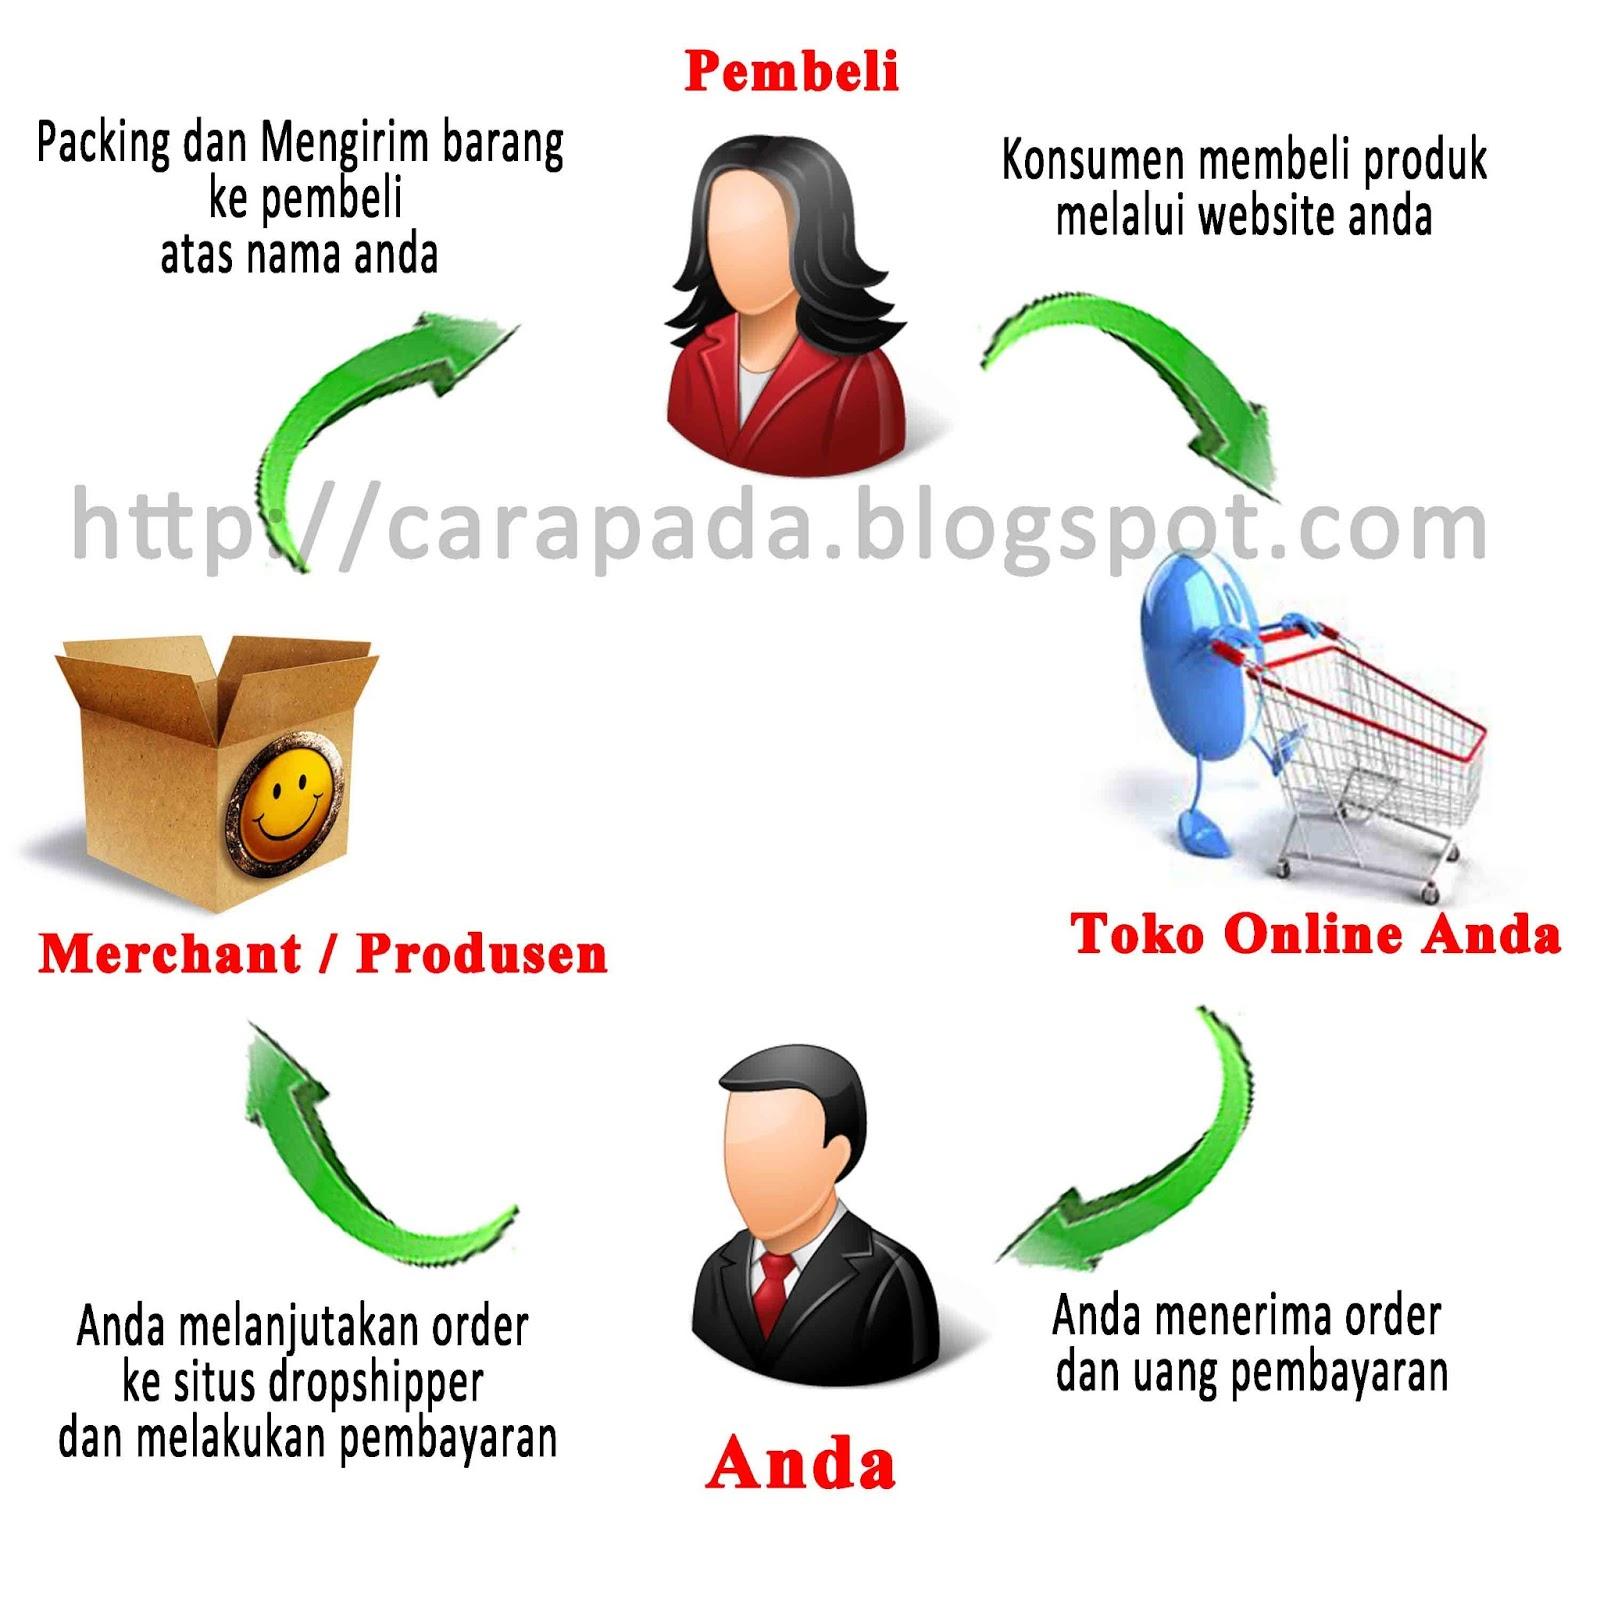 Bisnis Online Yang Gratis Dan Menguntungkan